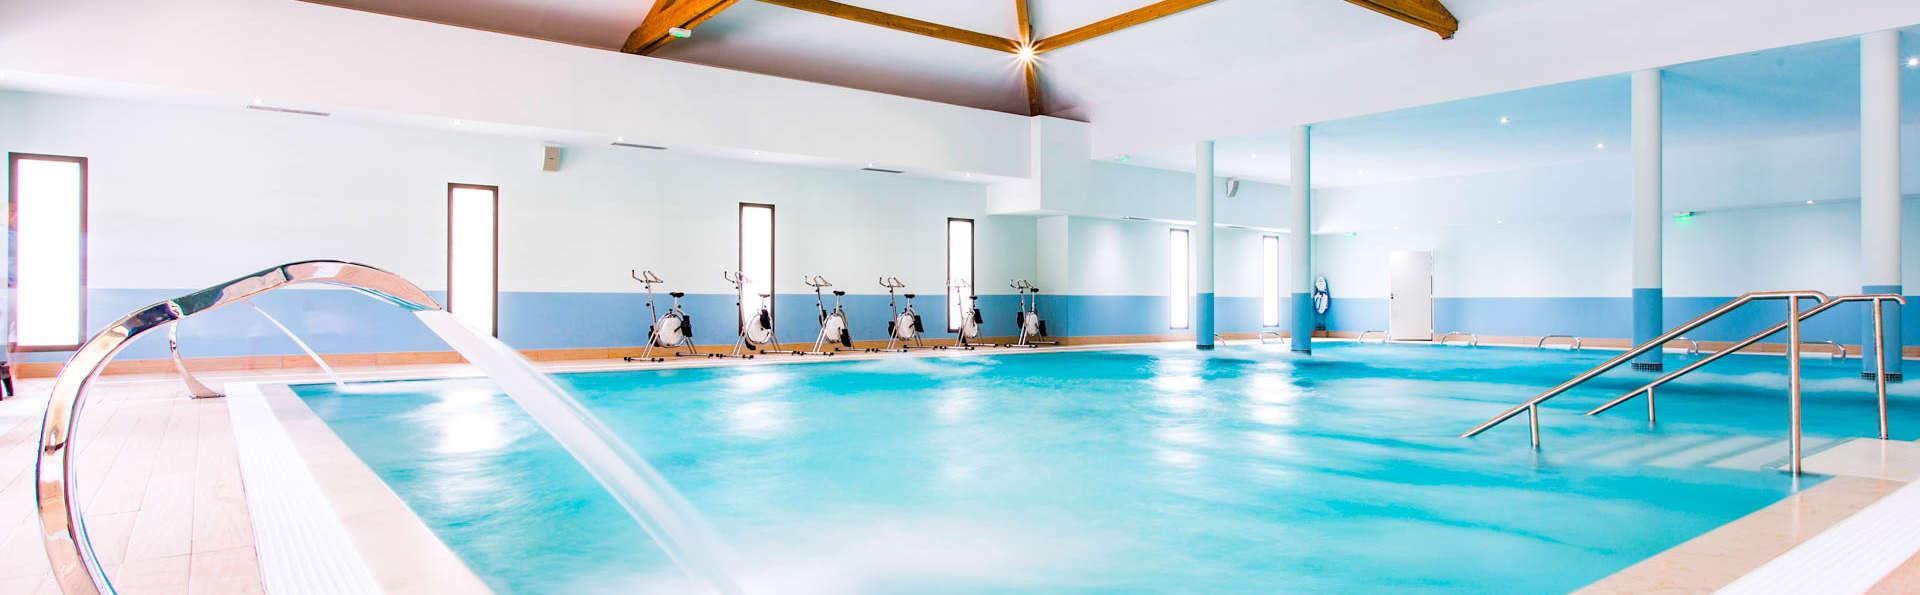 Evasion et relaxation dans un superbe hôtel aux portes de Montpellier